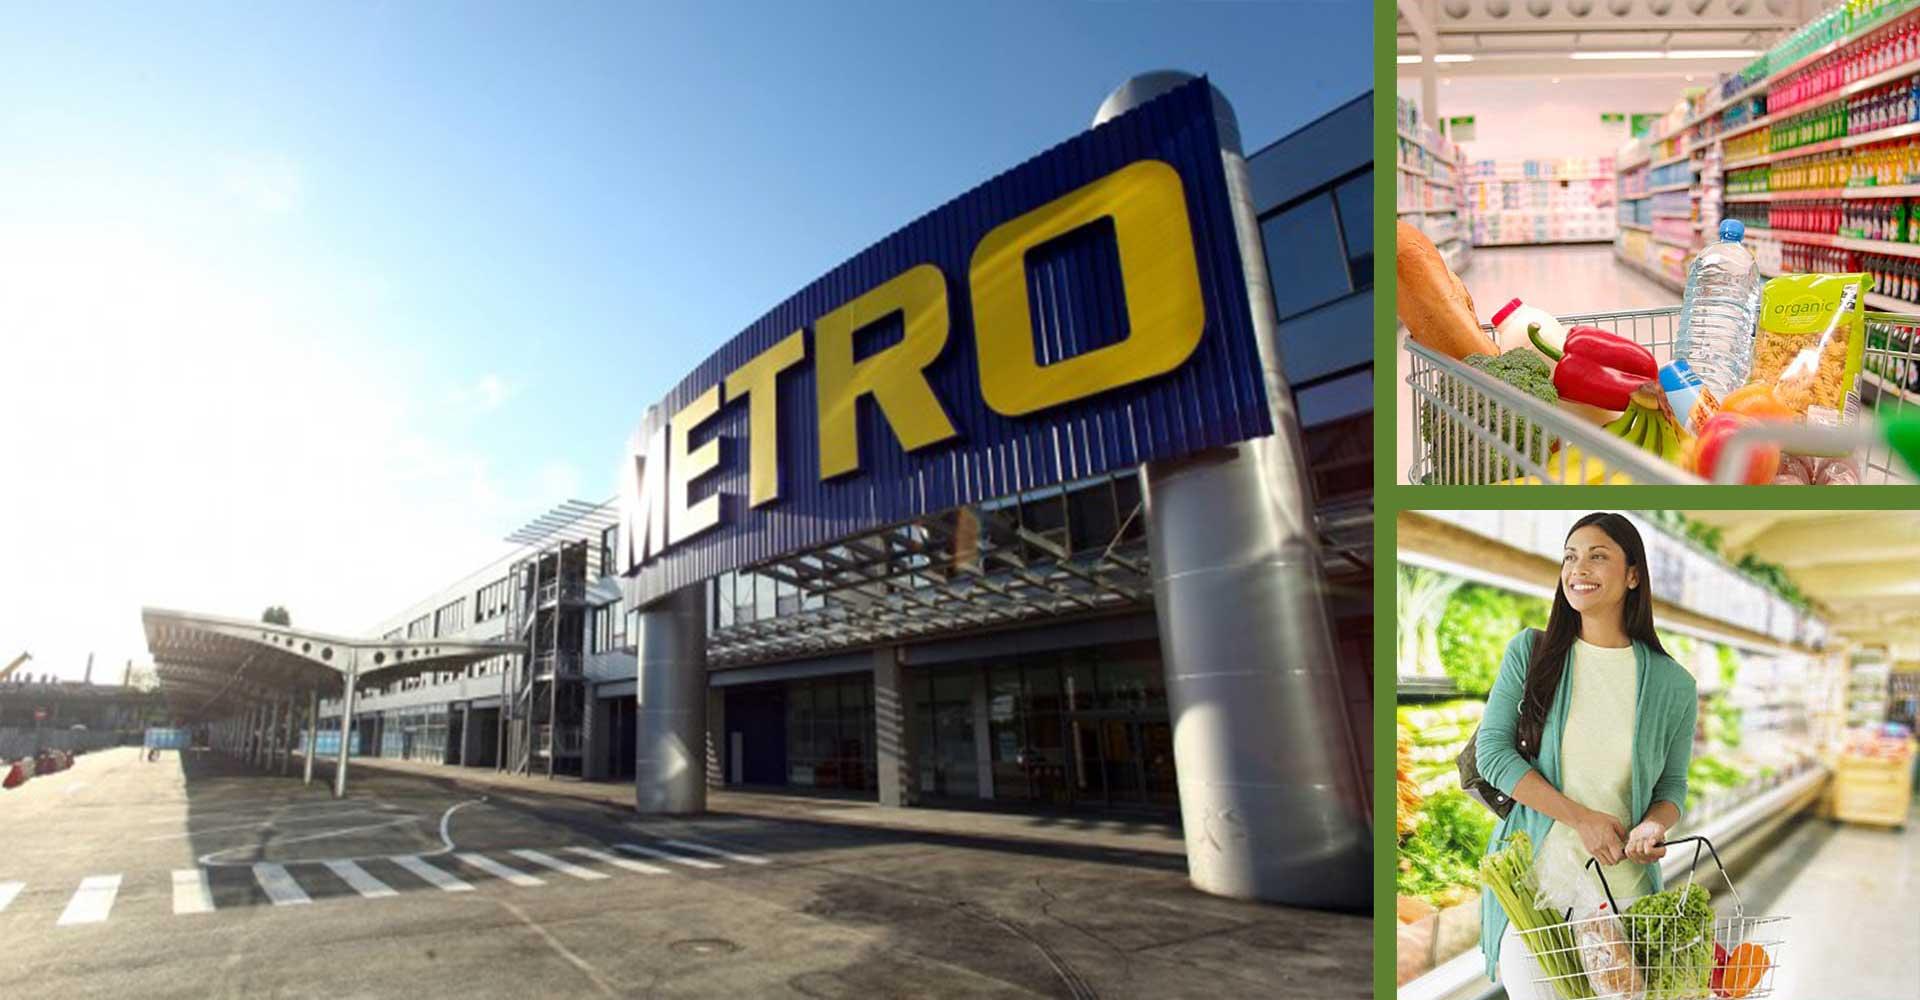 Hệ thống siêu thị Metro đa dạng các loại hàng hóa